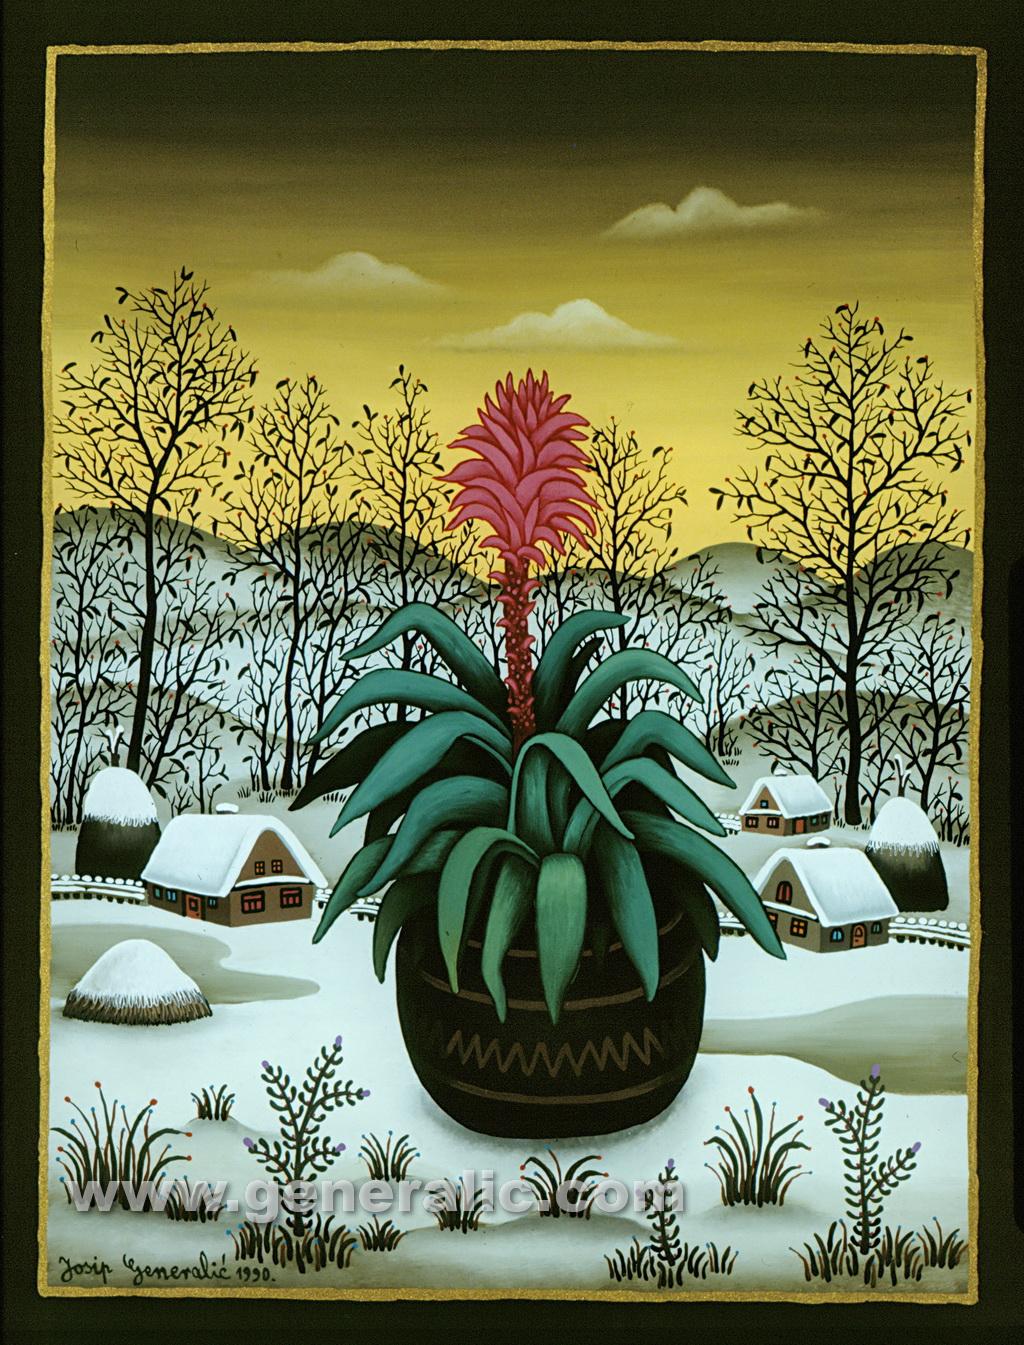 Josip Generalic, 1990, Red flower, oil on glass